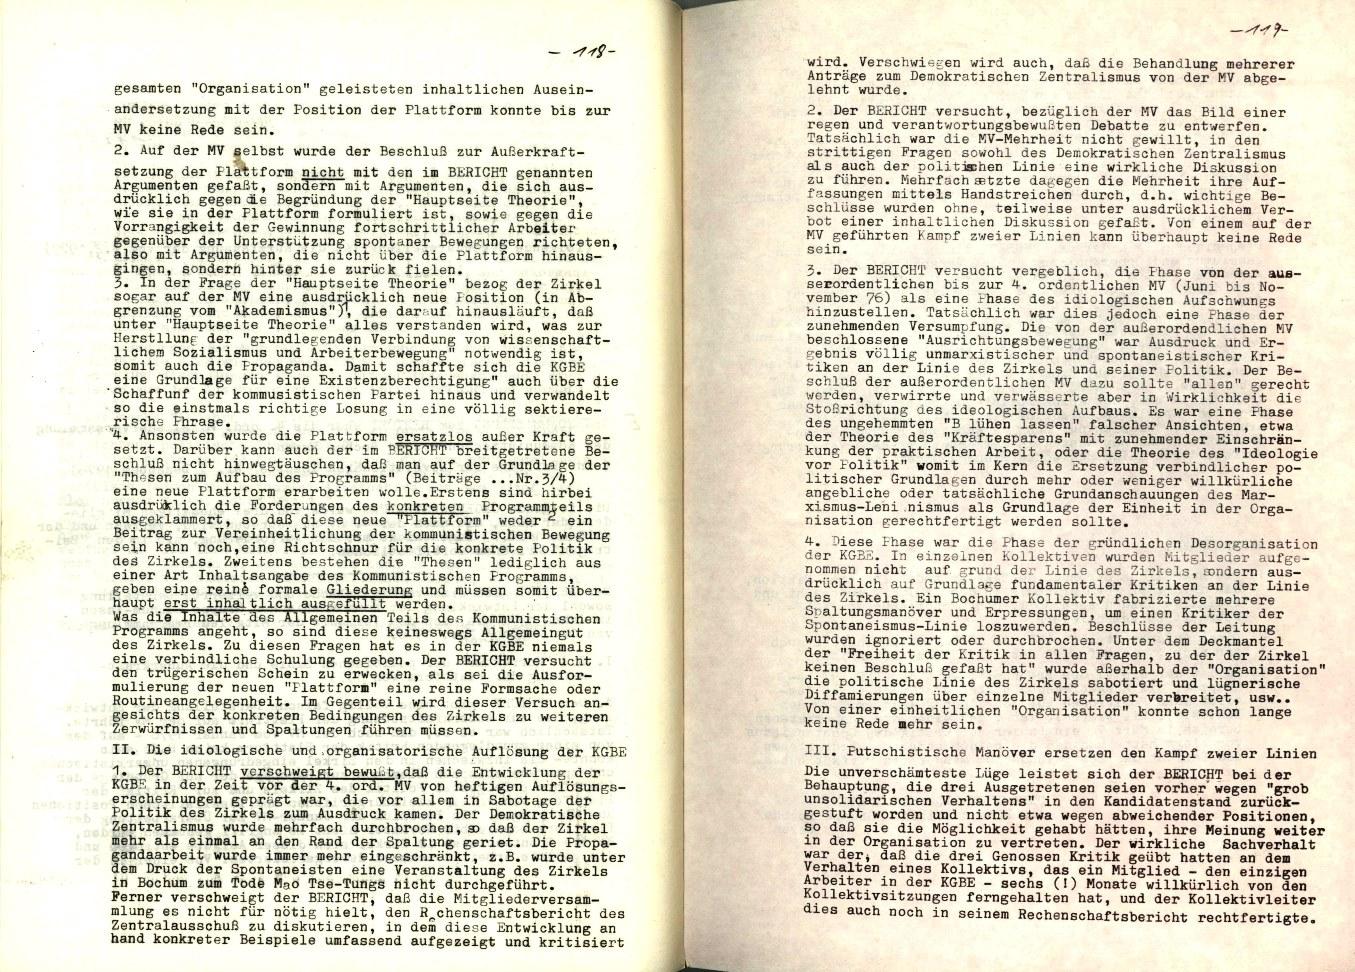 KGBE_Ehemalige_1977_Kritik_an_der_KGBE_63